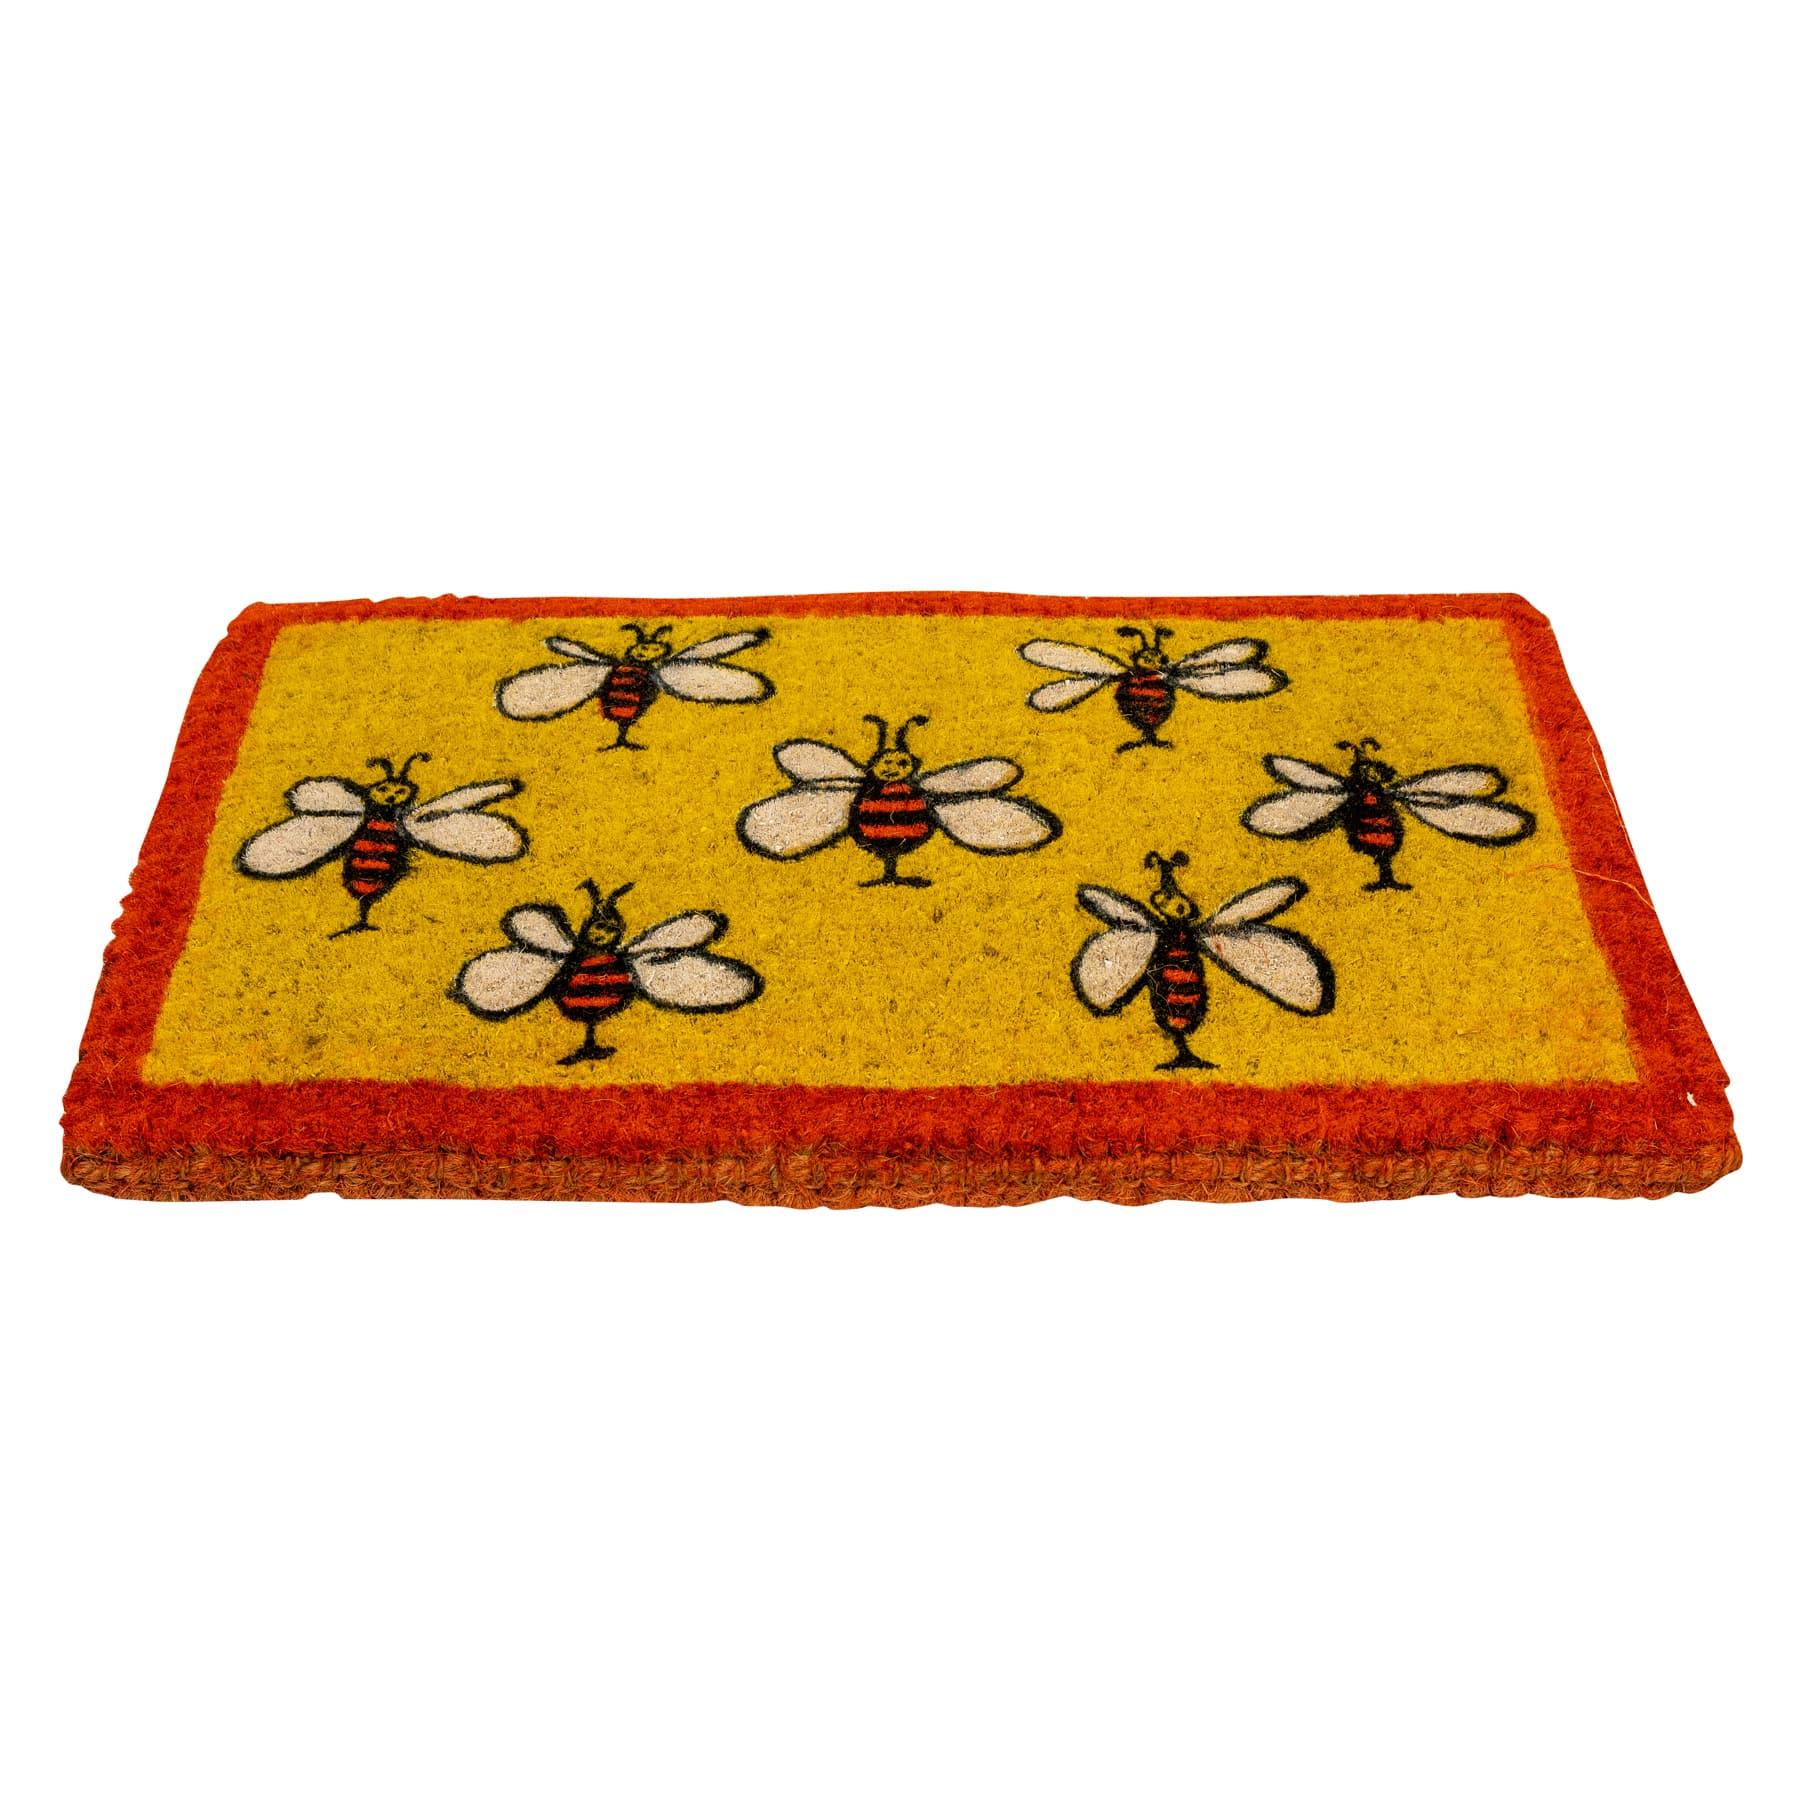 Fußmatte aus Kokos Naturfaser, rechteckige Form 73 x 43 cm